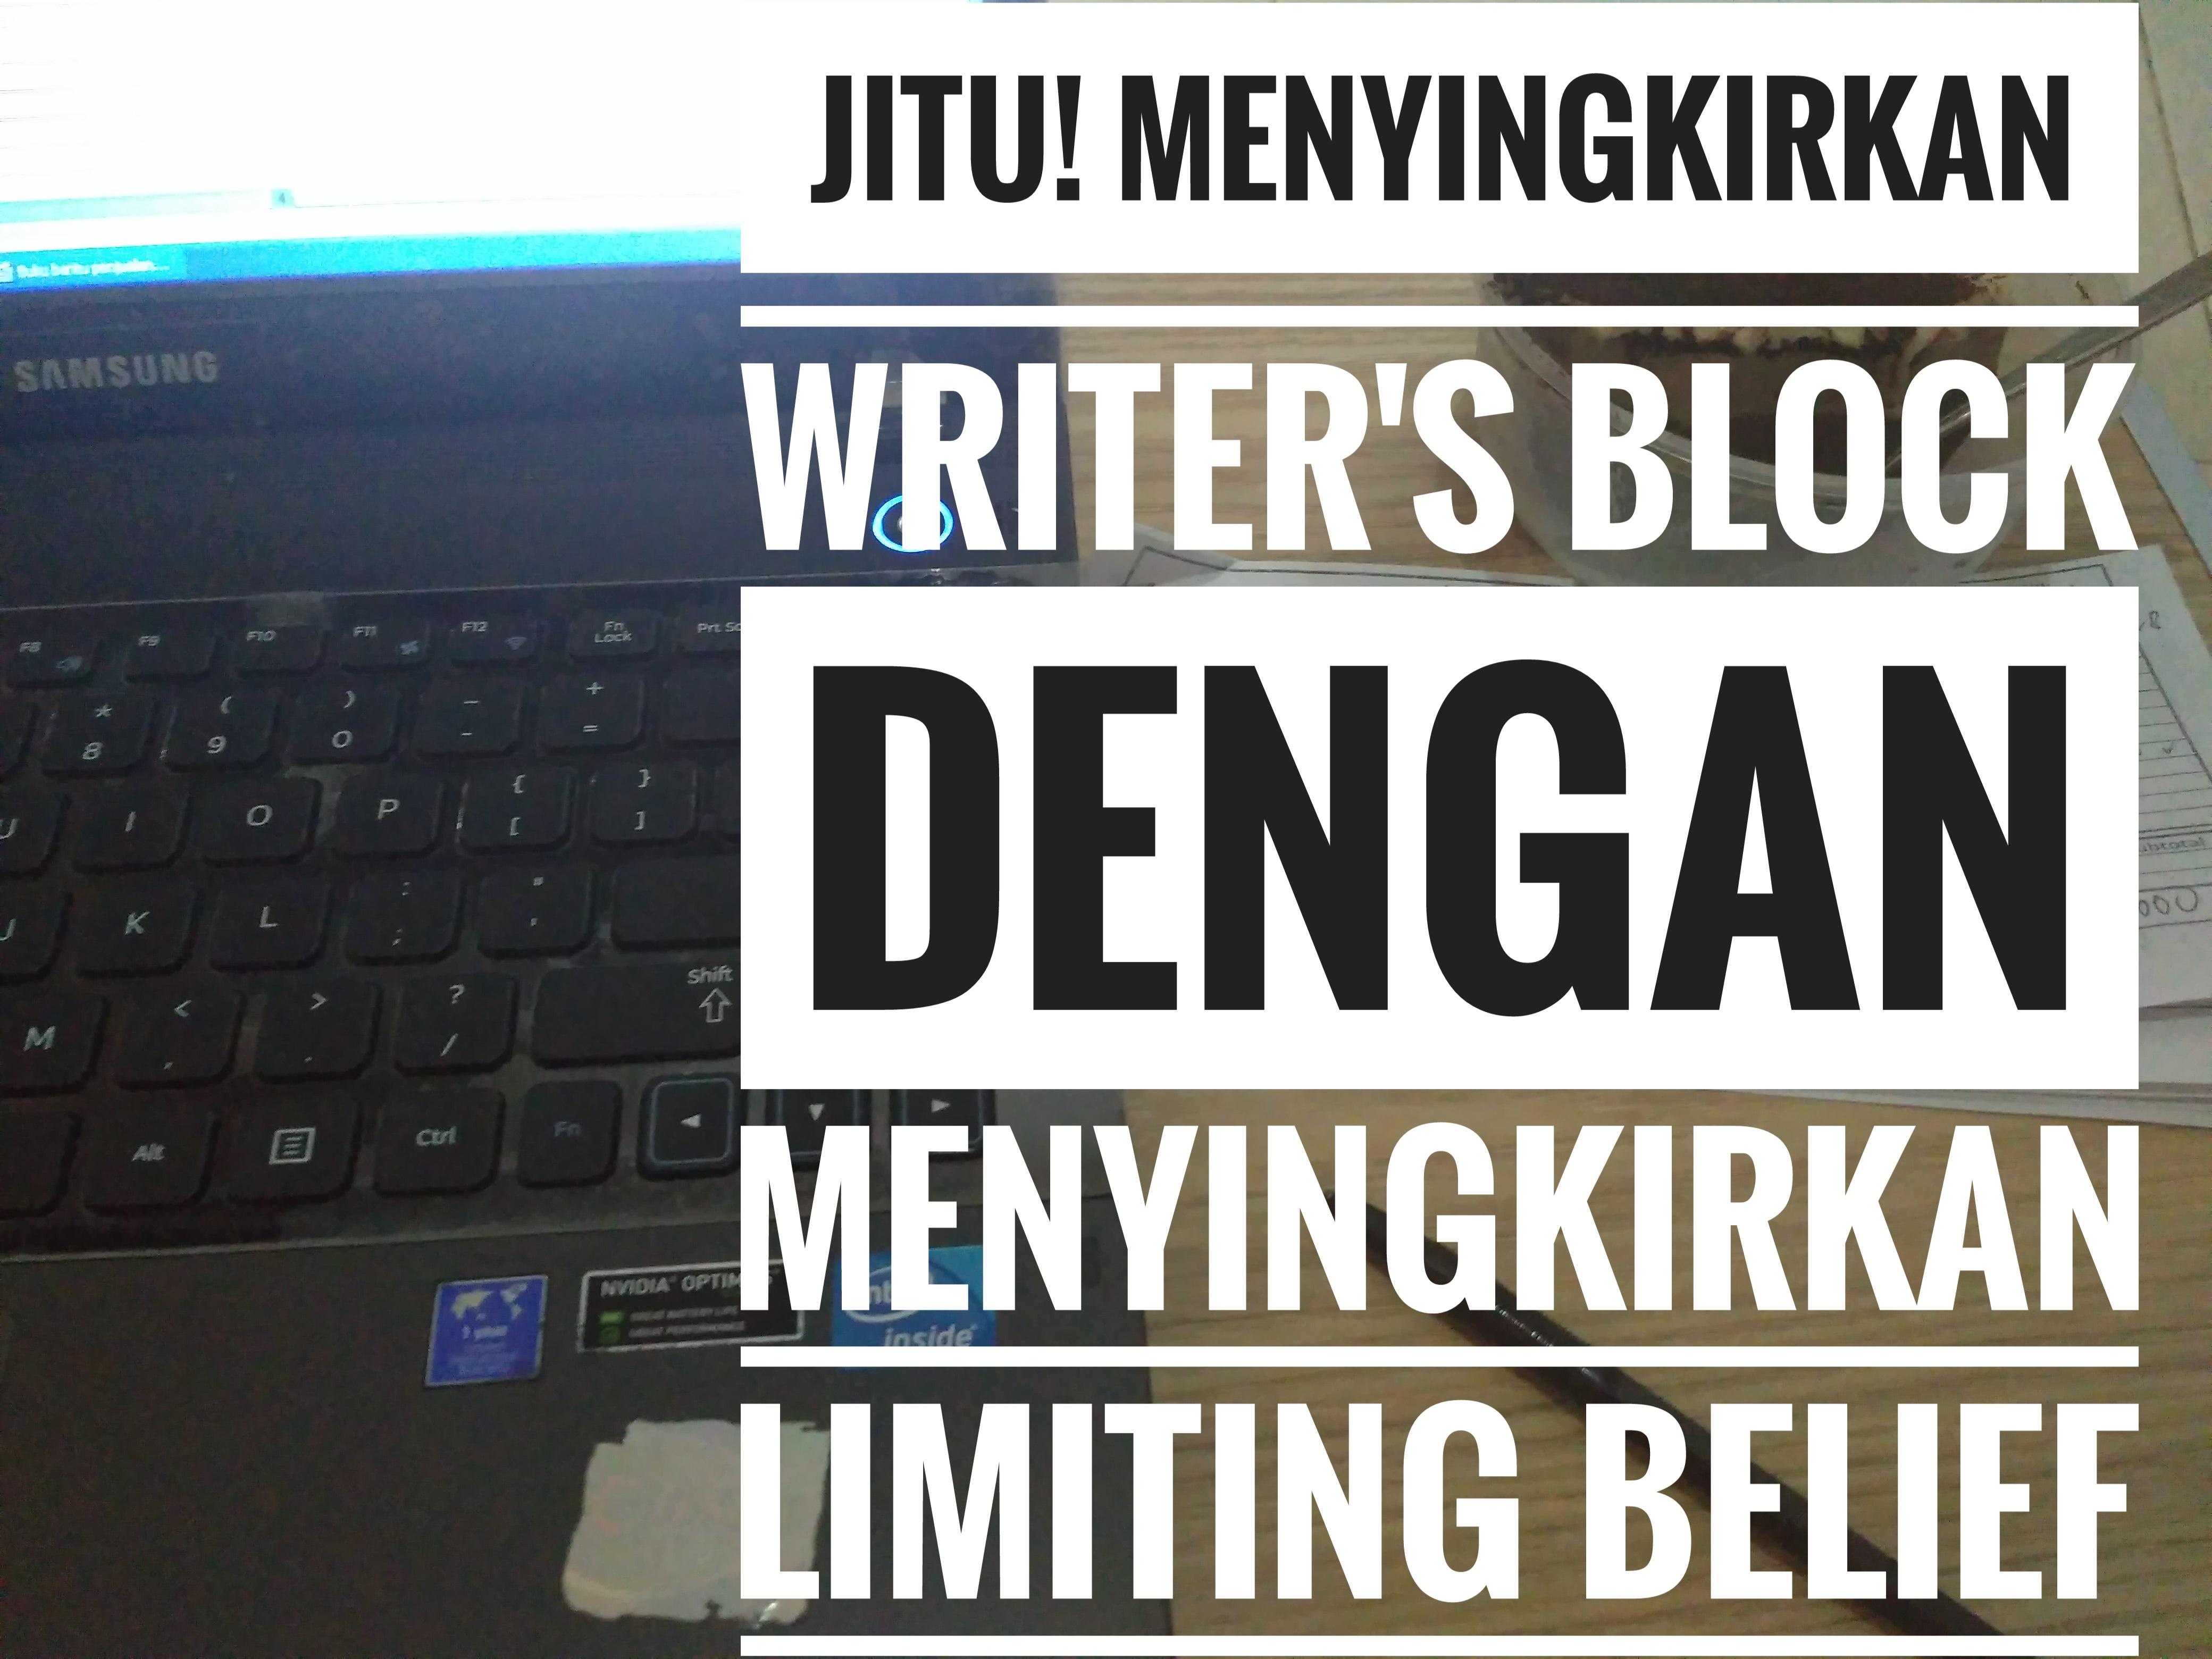 JITU! Menyingkirkan Writer's Block dengan Menyingkirkan Limiting Belief